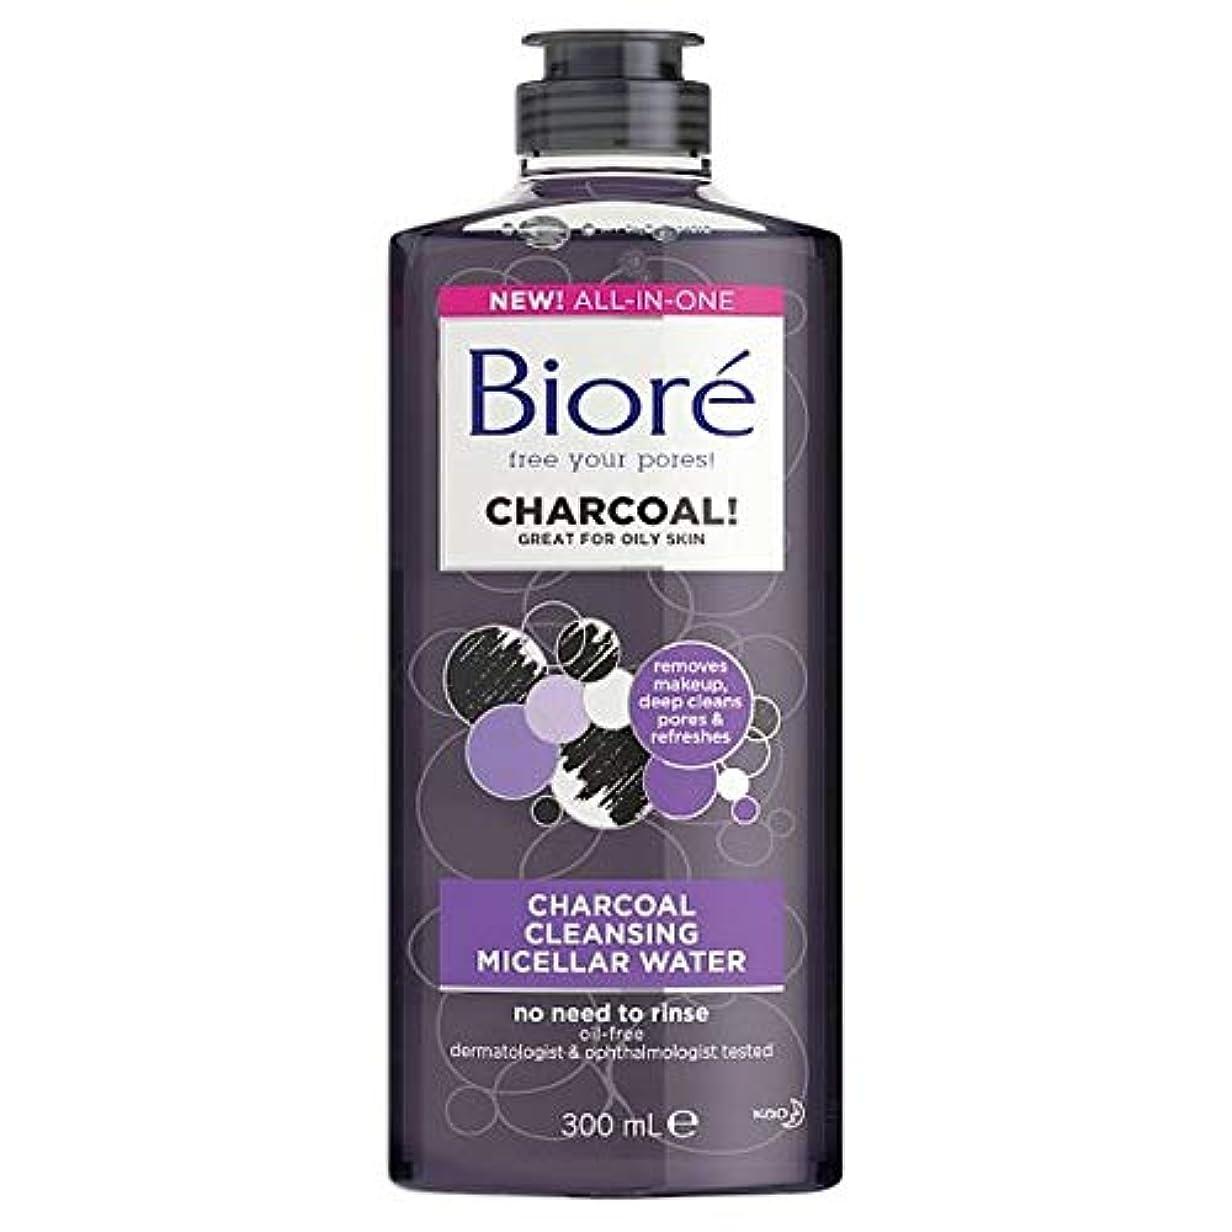 愛人預言者親密な[Biore] ビオレ炭ミセル水300ミリリットル - Biore Charcoal Micellar Water 300Ml [並行輸入品]